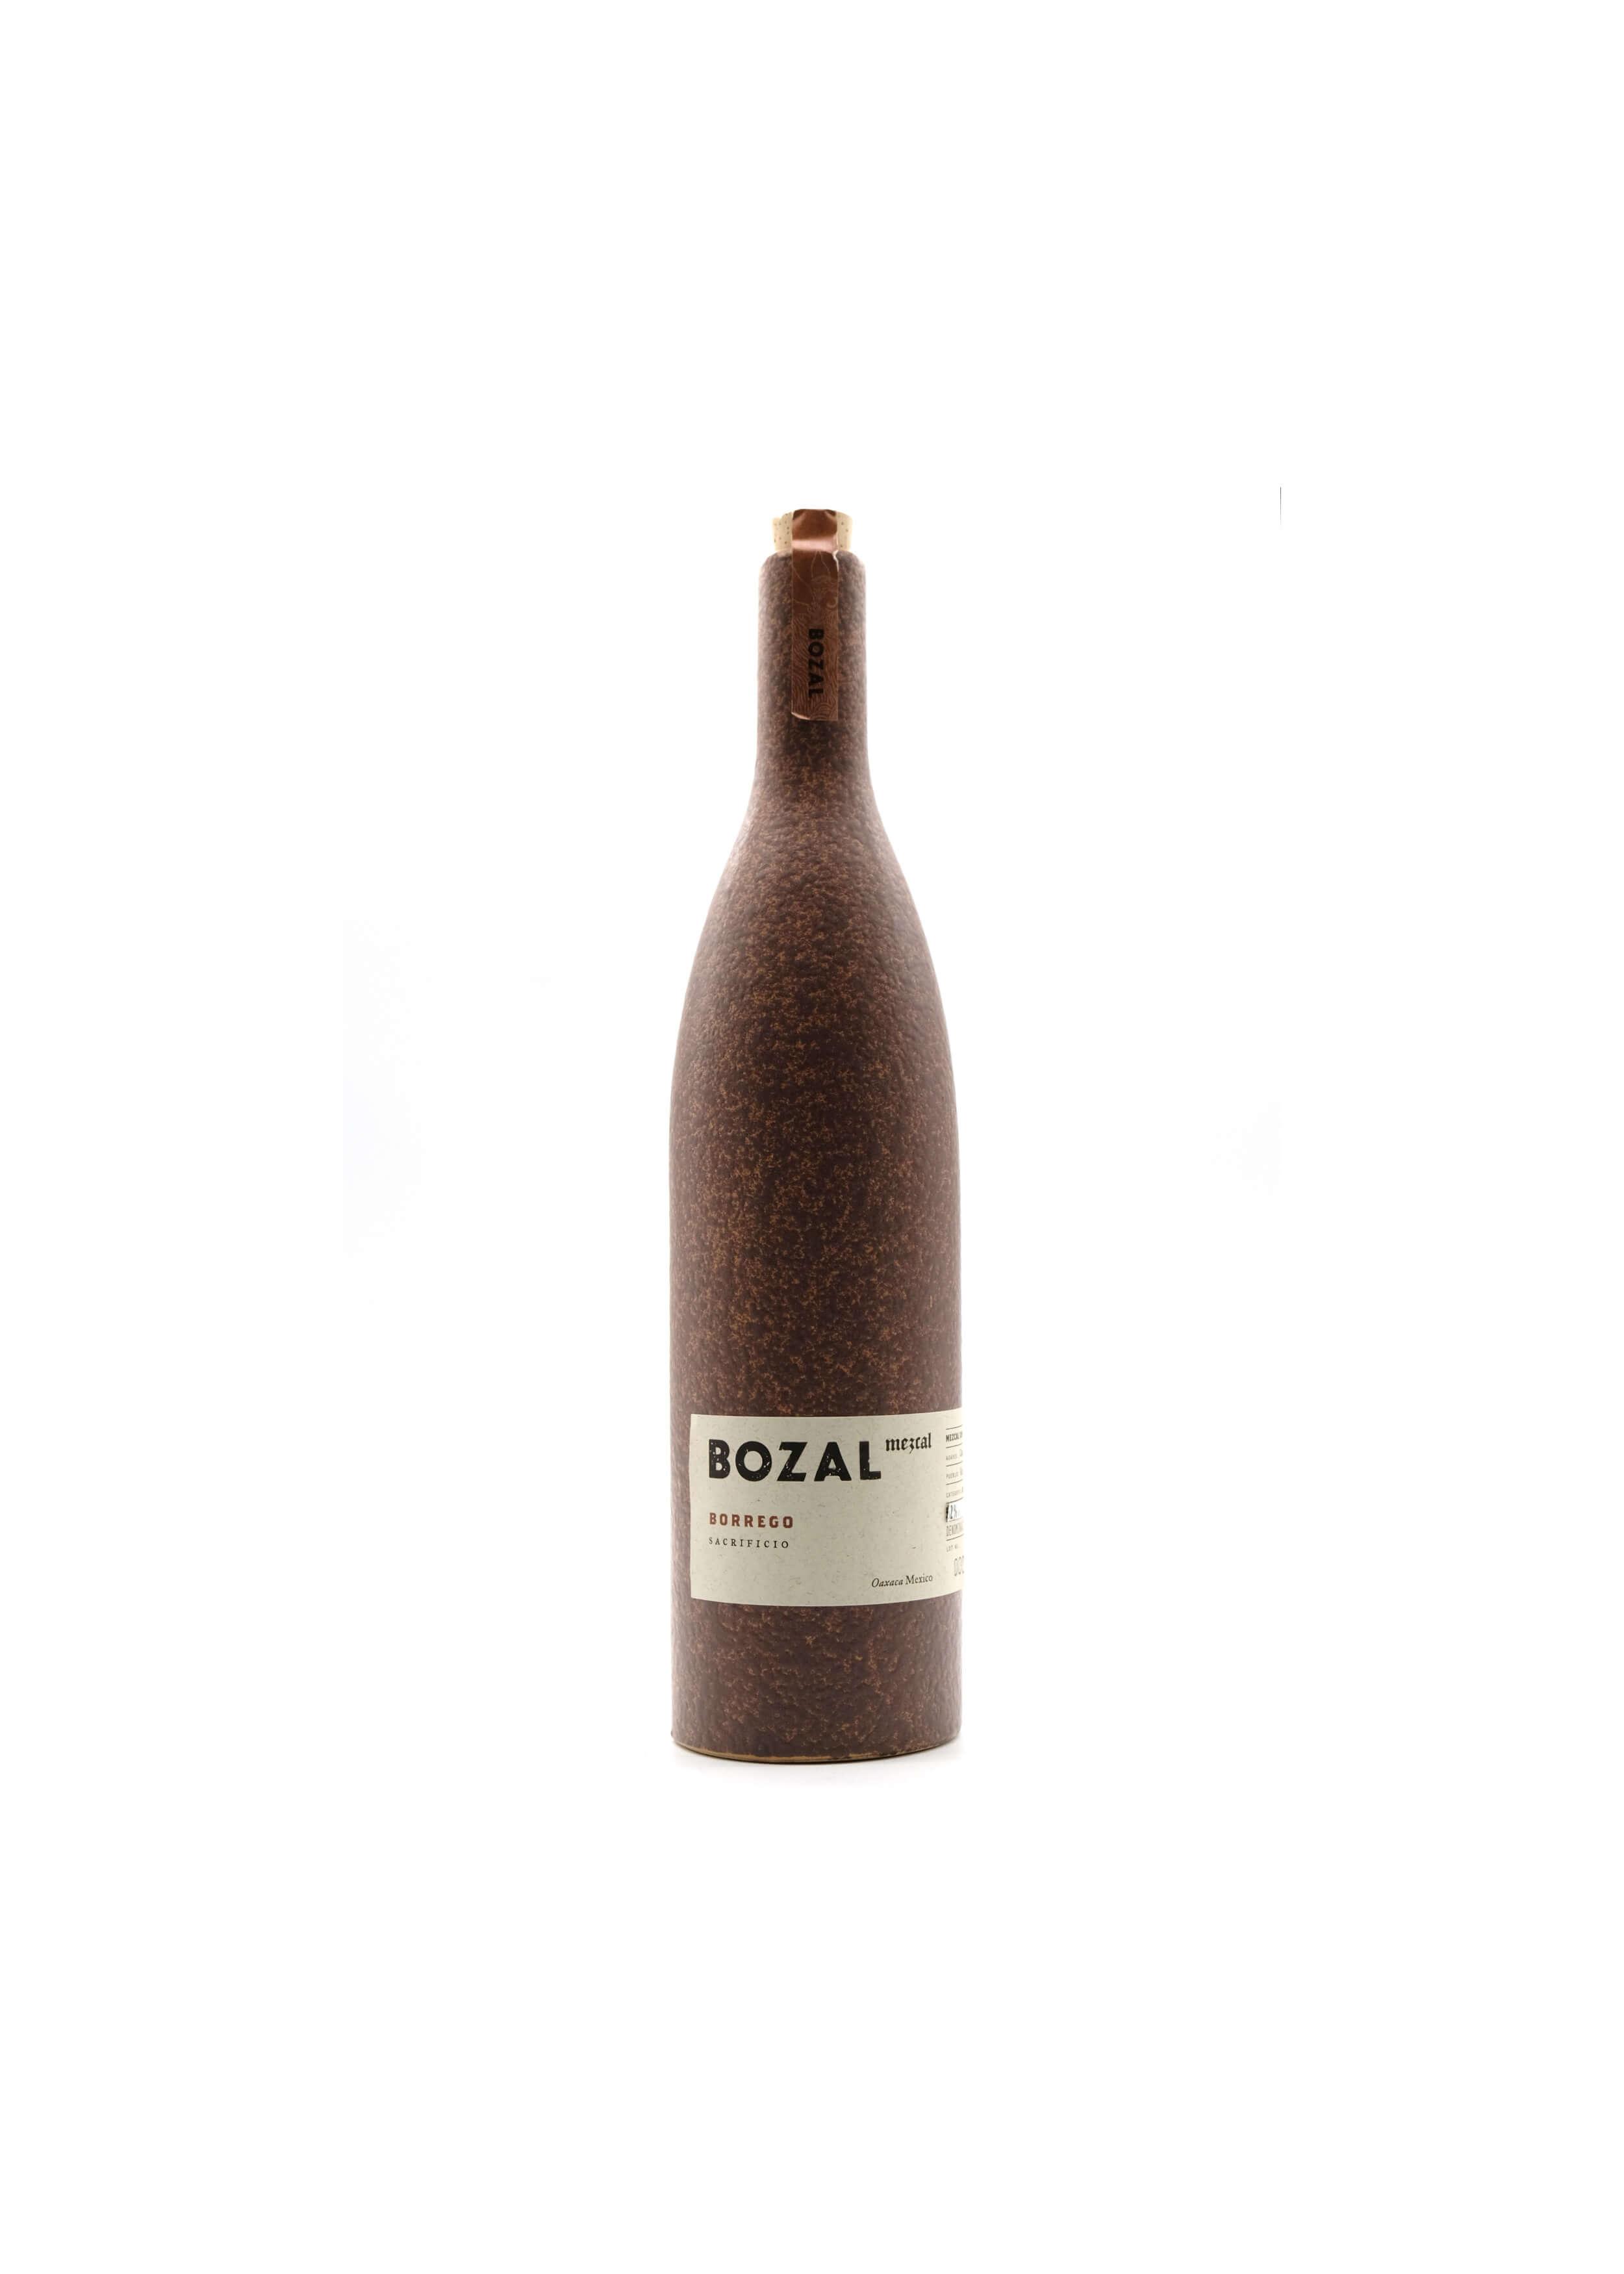 Bozal Borrego Mezcal kaufen Sie hier!